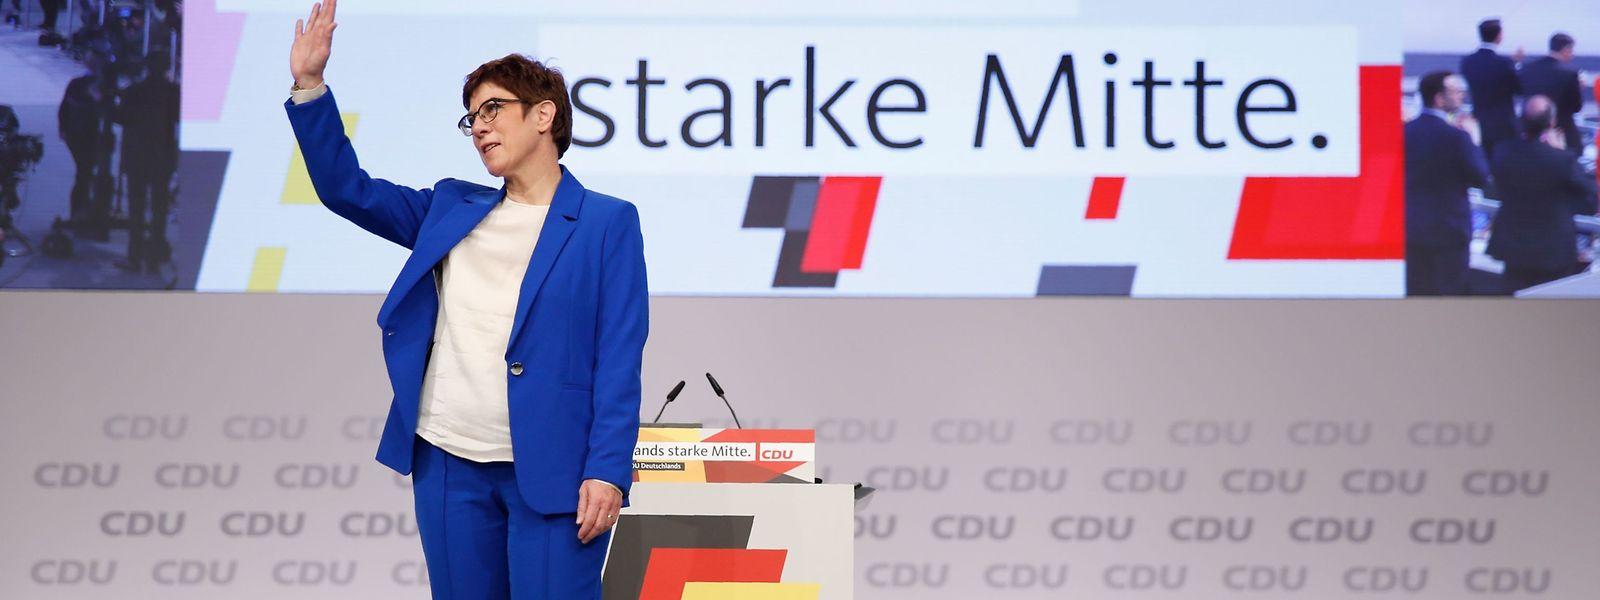 Annegret Kramp-Karrenbauer ließ den Parteitag entscheiden - und erhielt die geforderte Unterstützung.